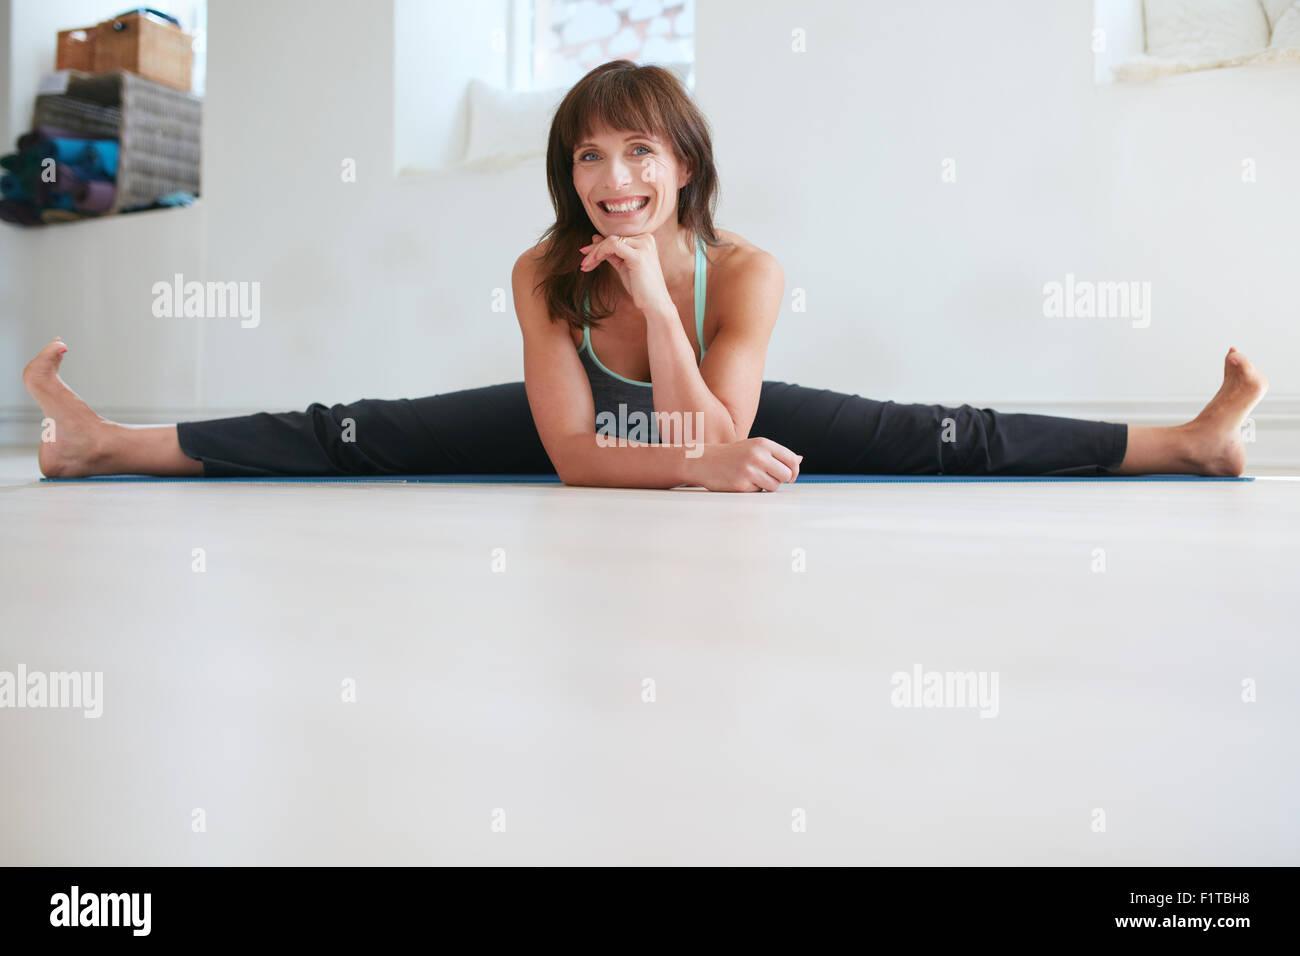 Mujer feliz haciendo amplio ángulo de inclinación hacia adelante sentado yoga en el gimnasio. Fitness Imagen De Stock